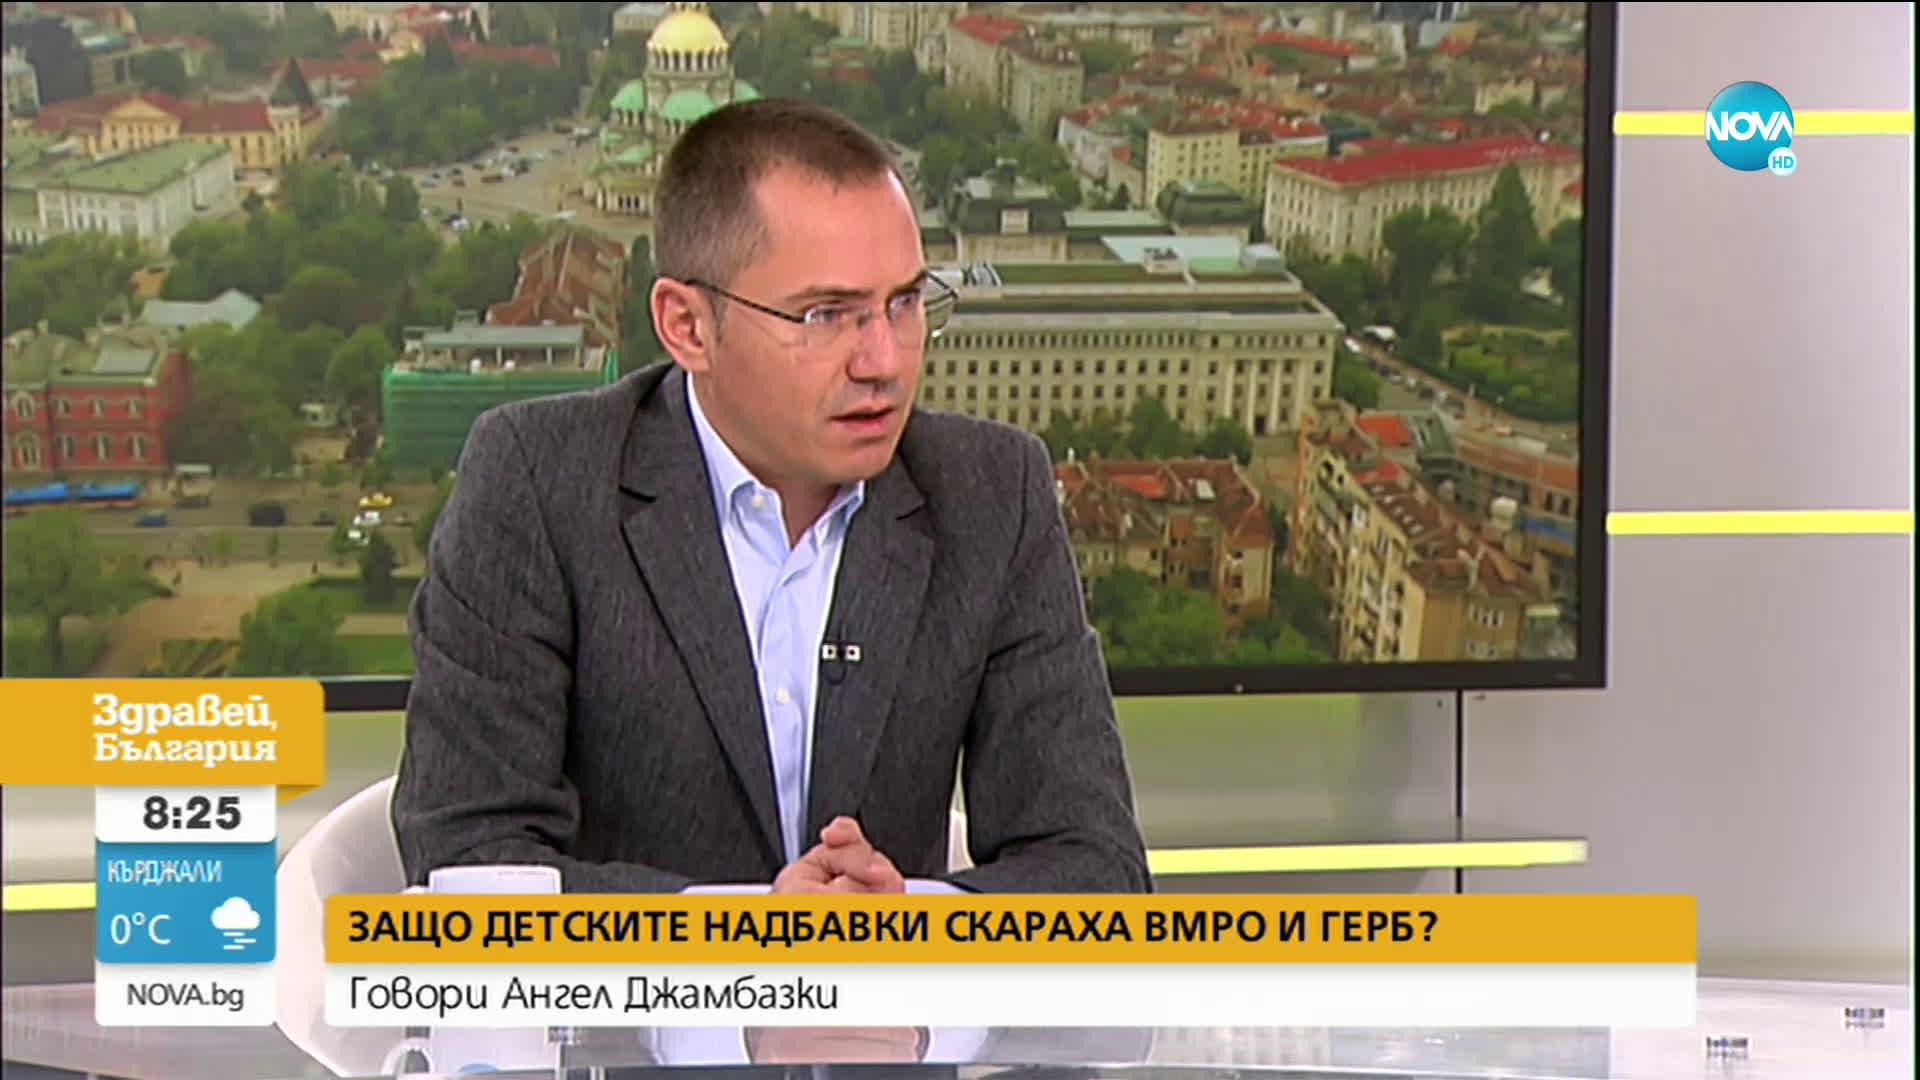 Джамбазки: Ако затворим всичко, ще се поставим между два огъня